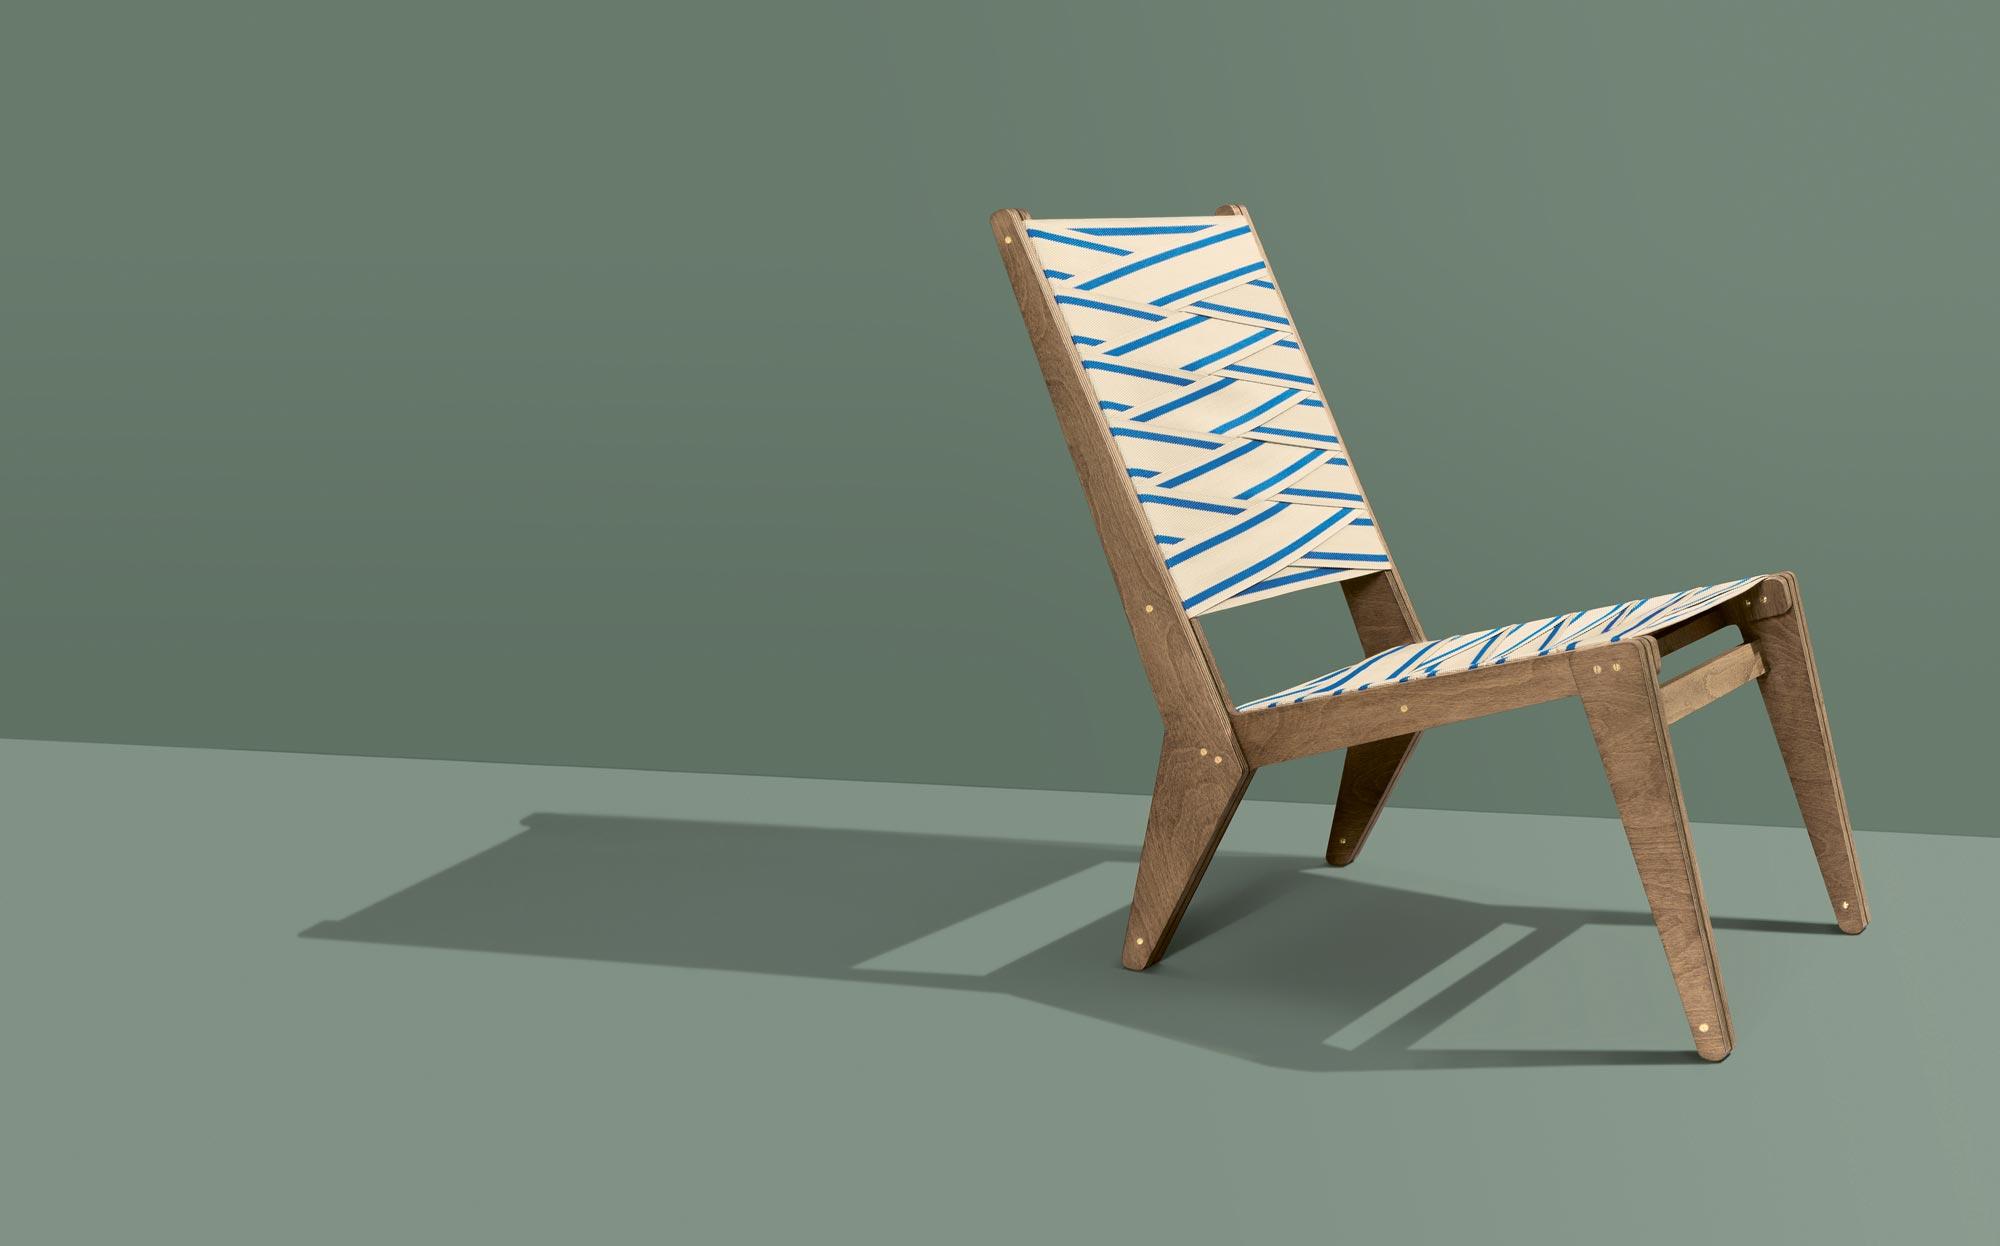 HORNBACH WERSTÜCK Edition 001 Lounge Chair by Sigurd Larsen